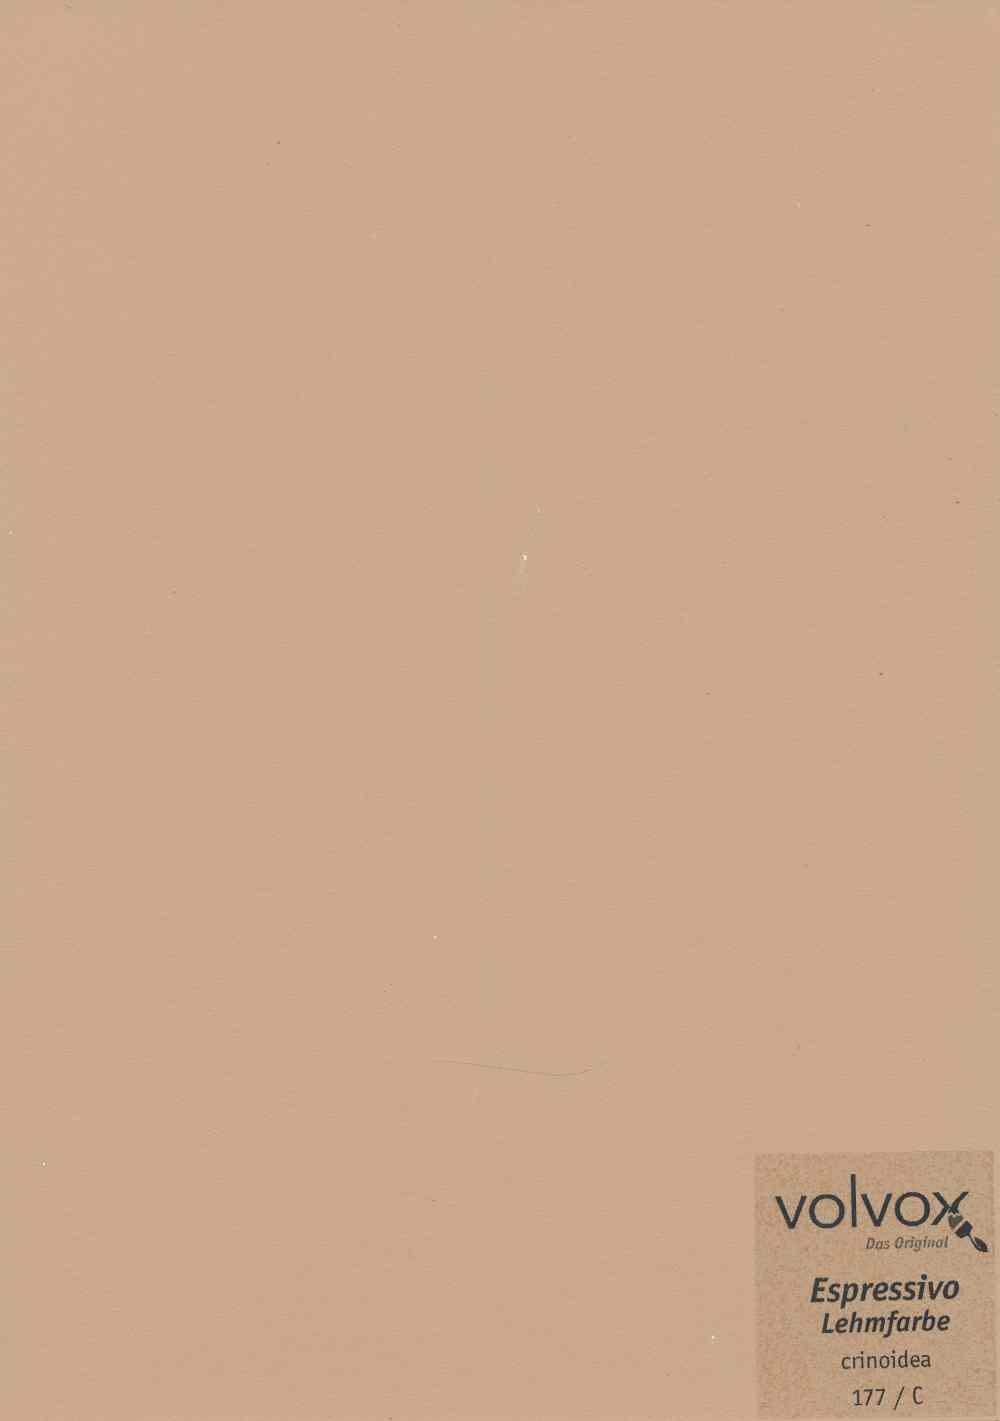 Volvox Espressivo Lehmfarbe 177 crinoidea